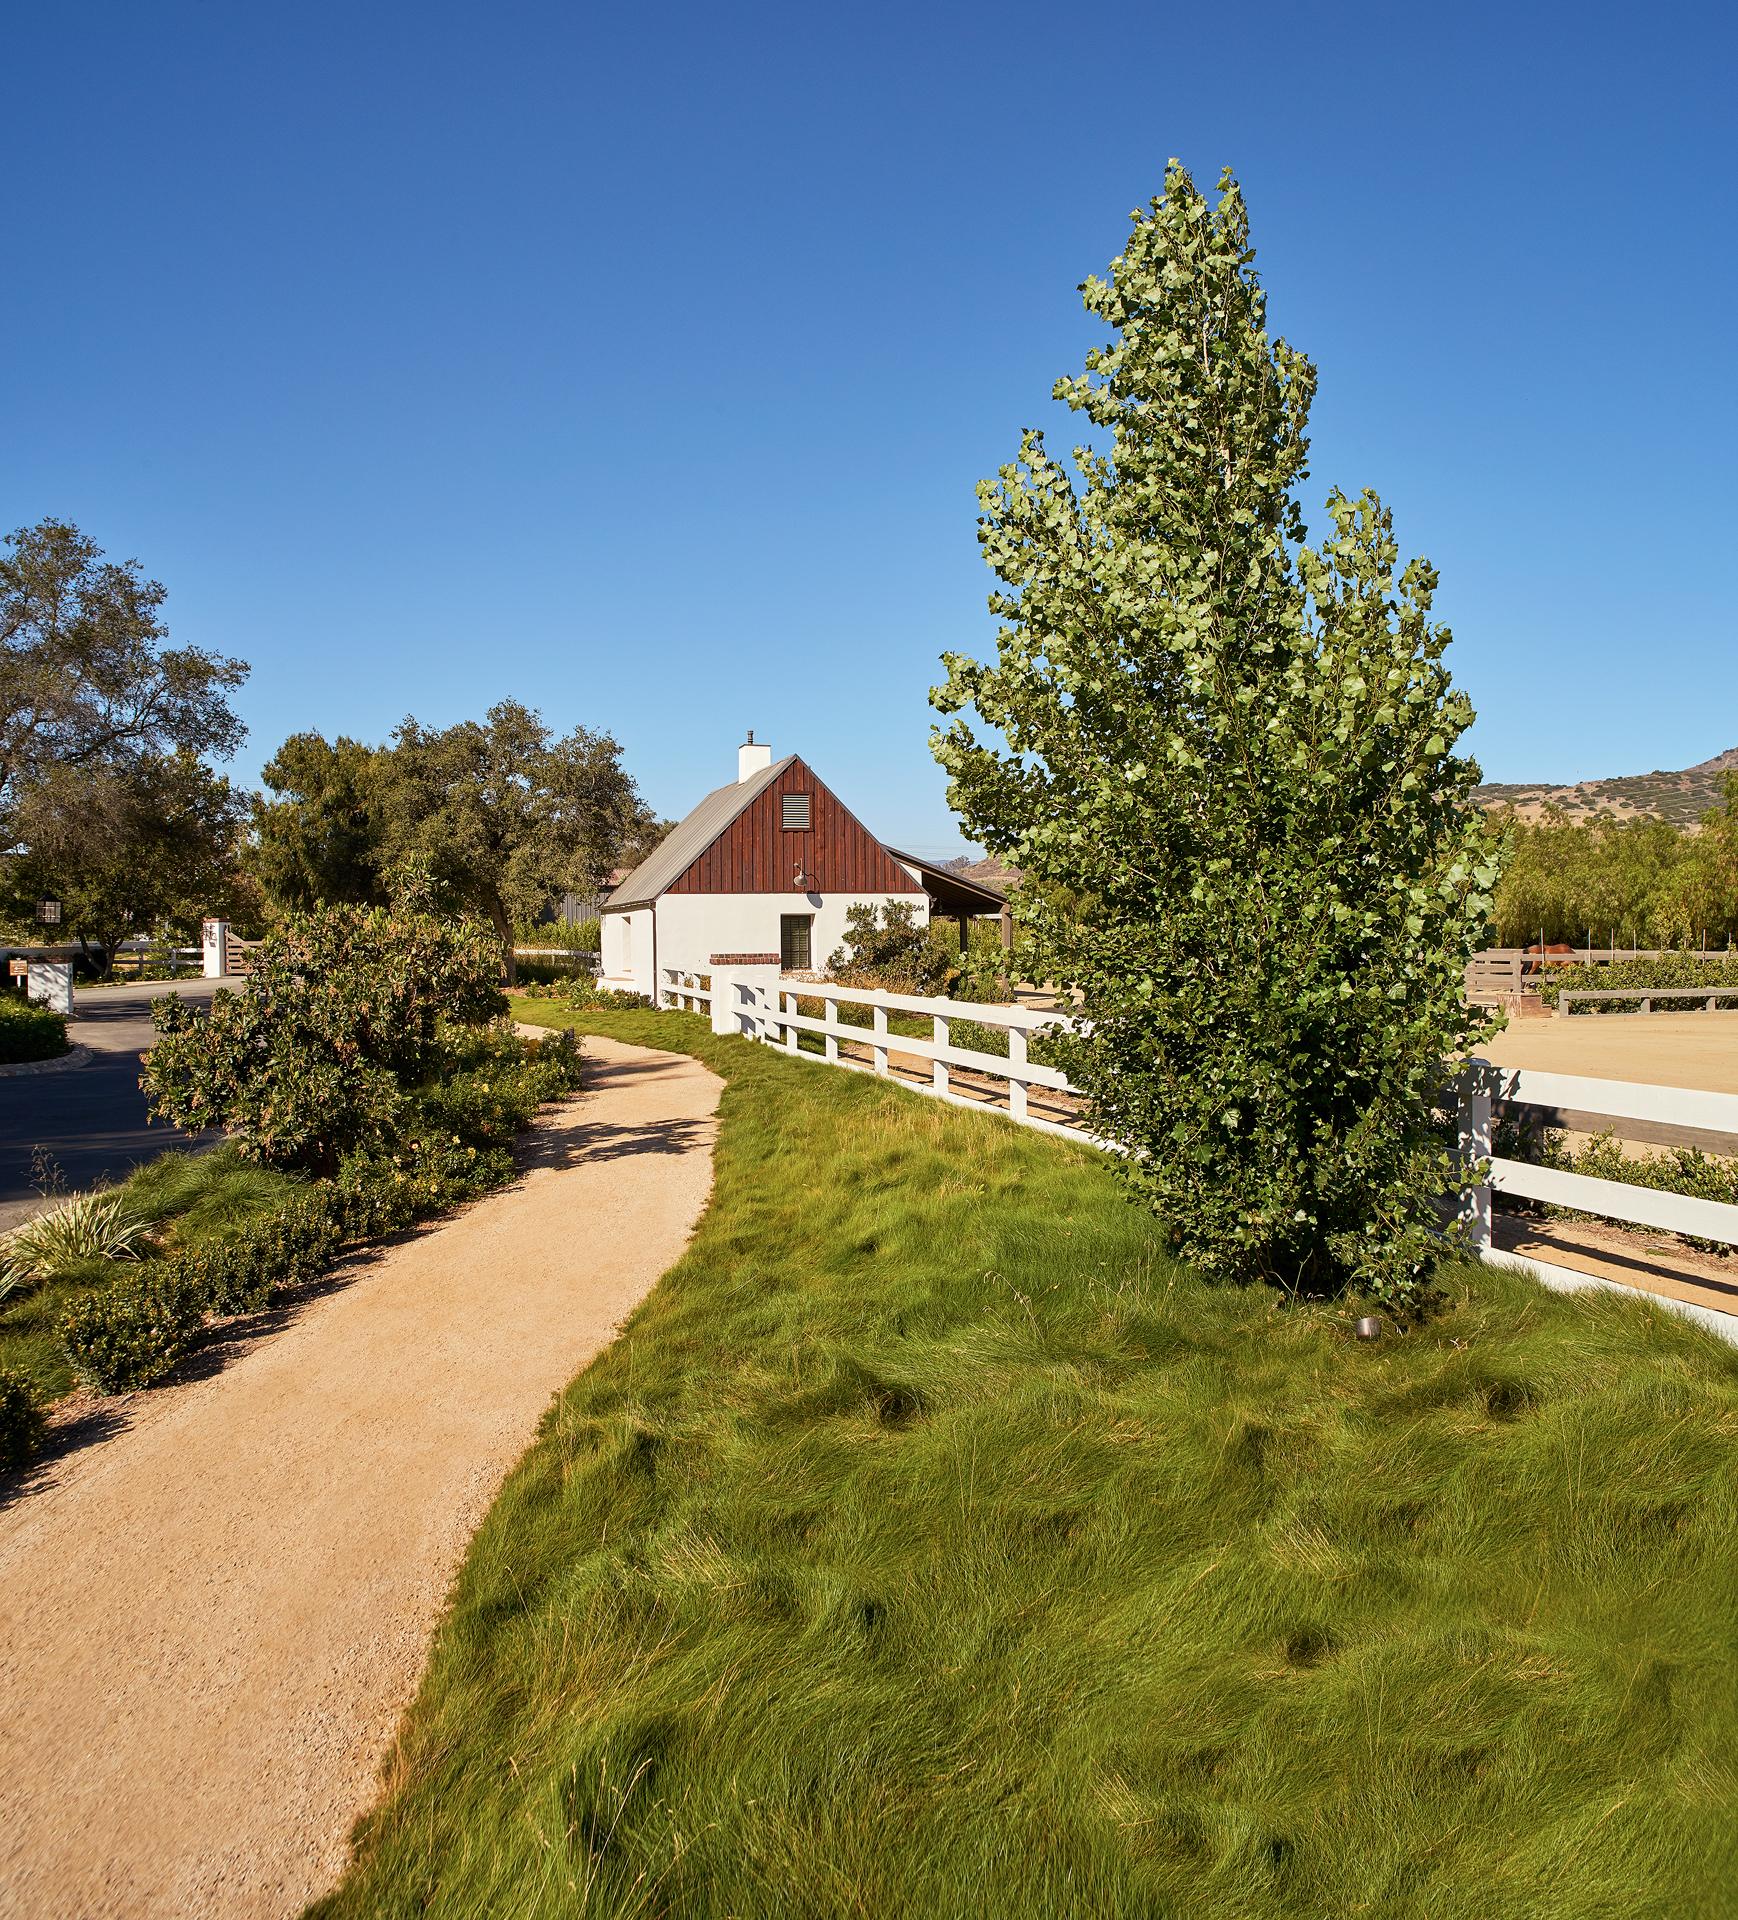 16025_The_Oaks_Farms_449.jpg